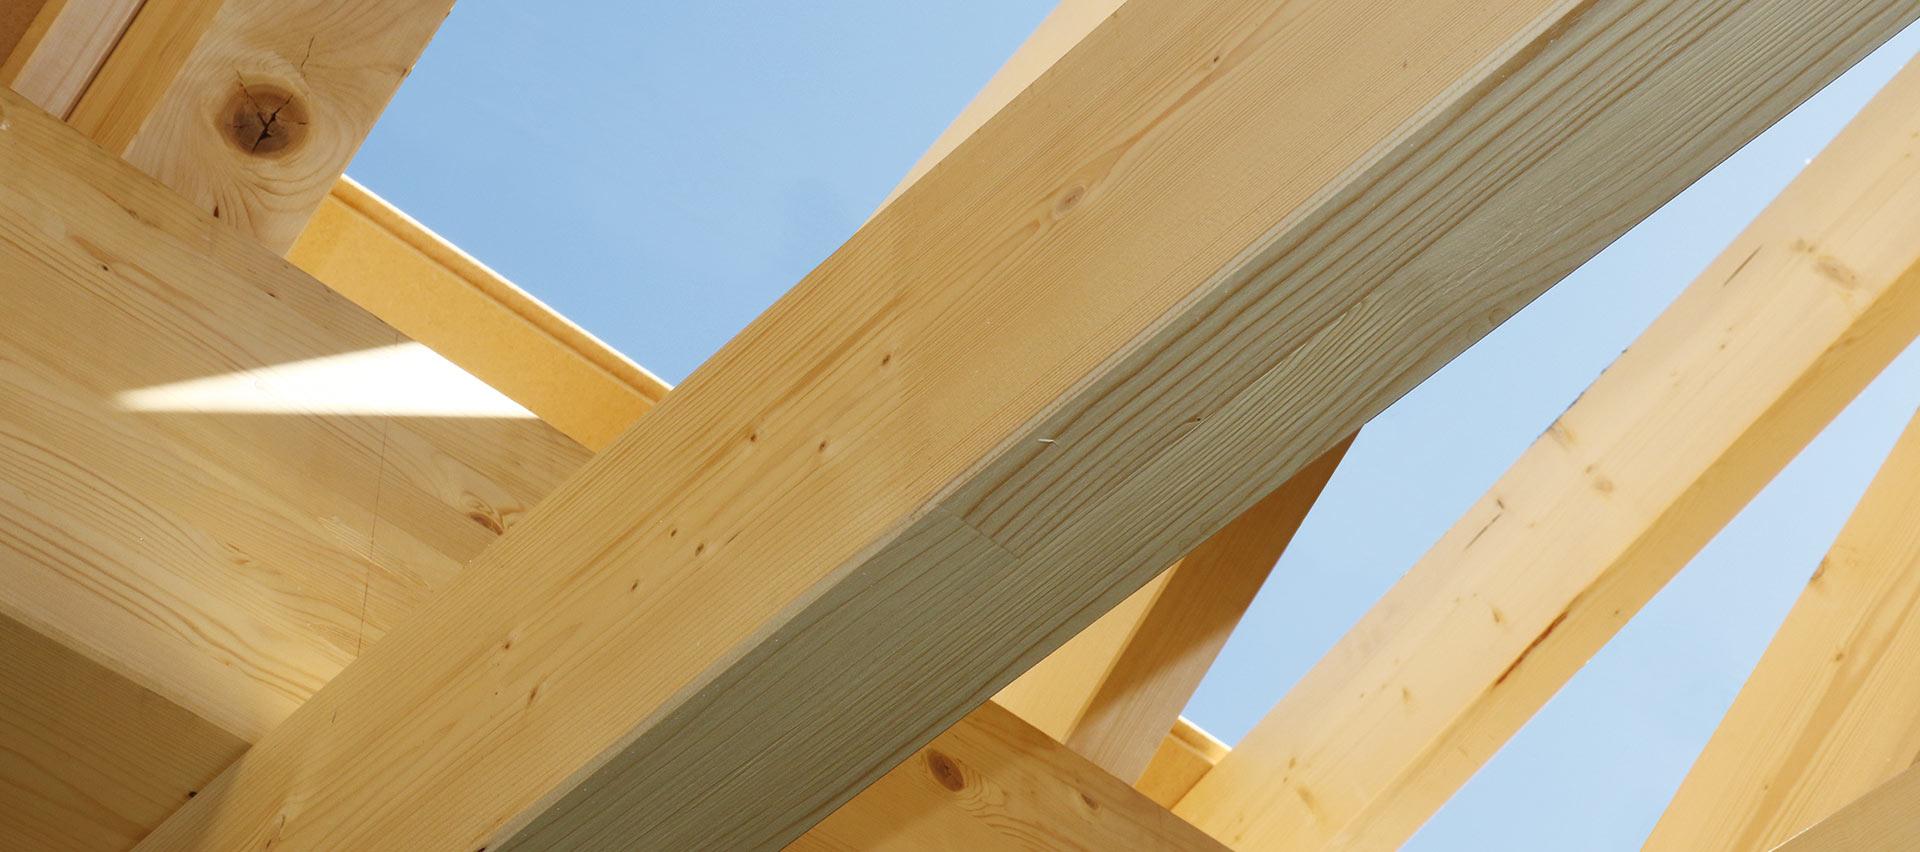 Giebel Bauholz von Holz-Hauff in Leingarten